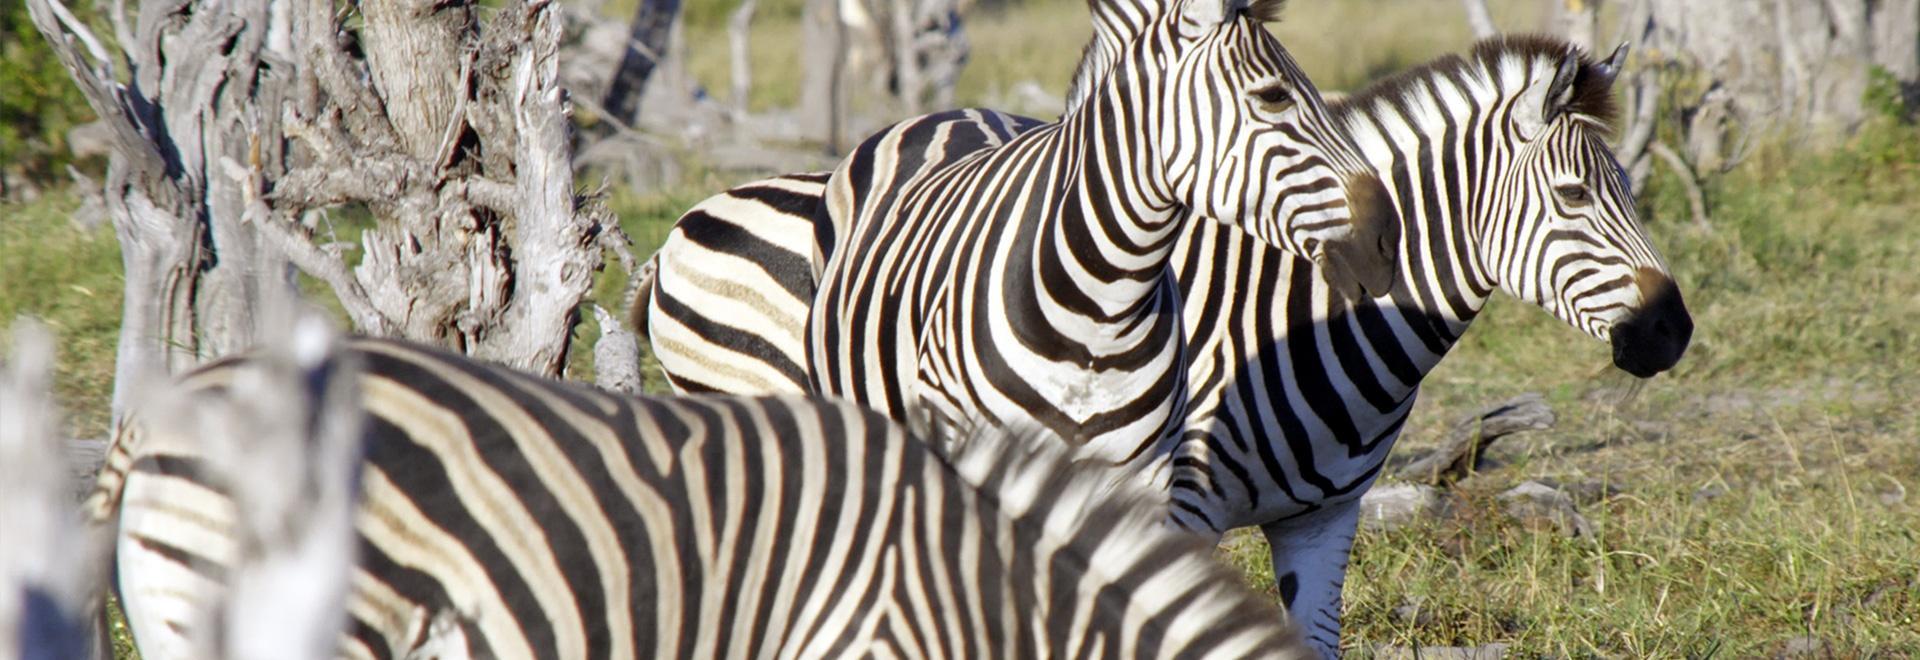 Il cratere Ngorongoro - Paradiso maledetto